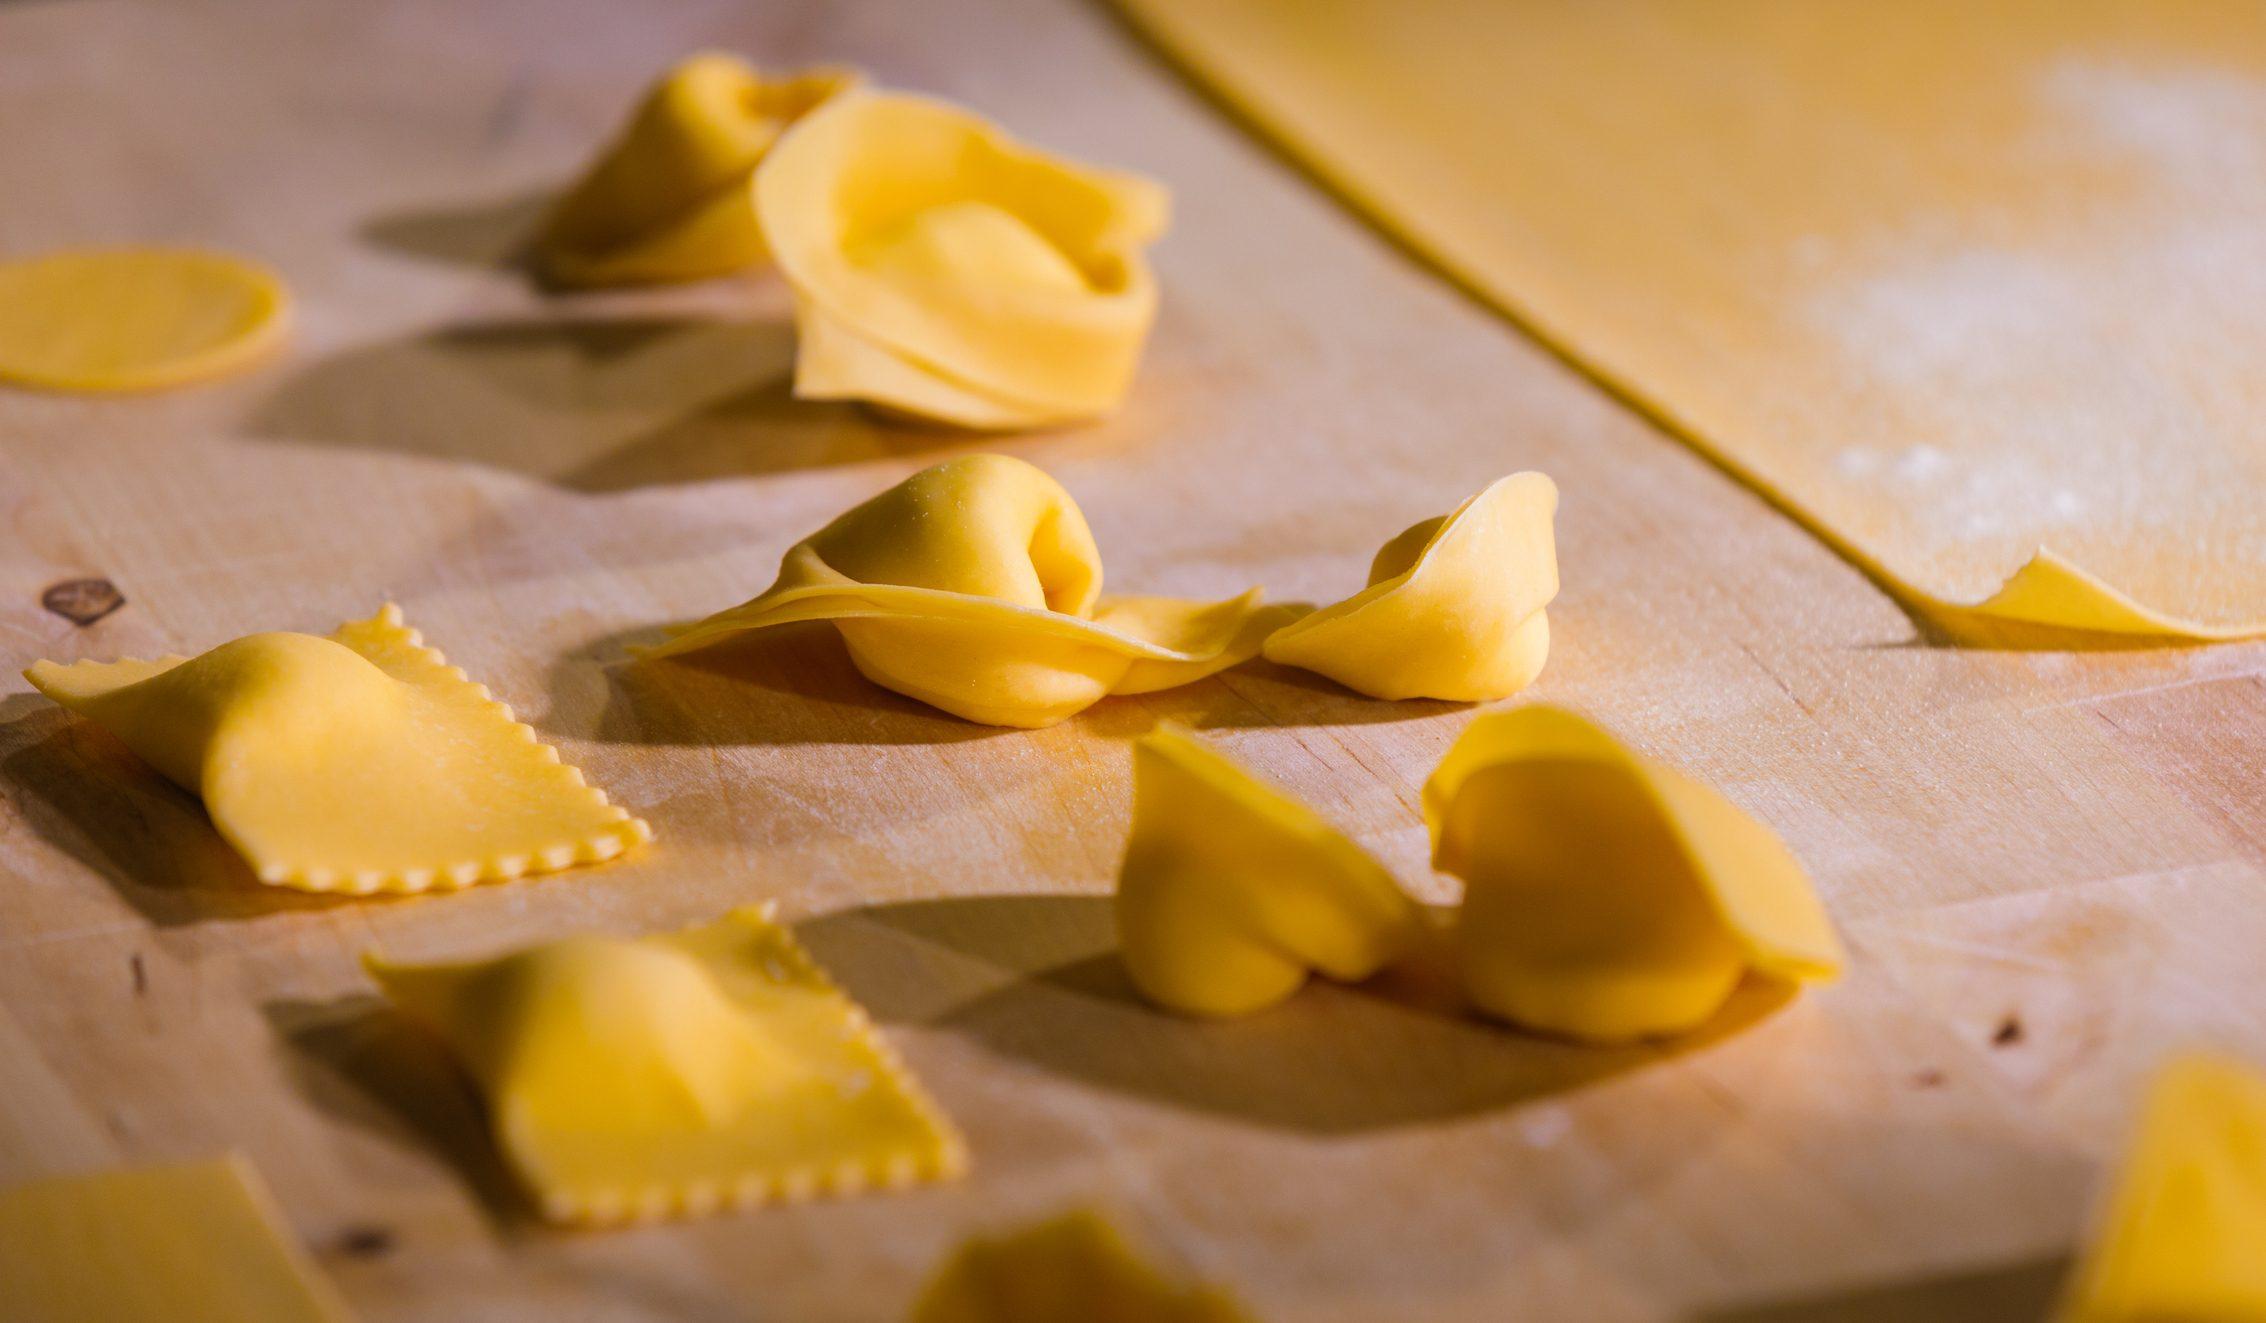 Il Nodo d'Amore, la splendida storia dietro i tortellini di Valeggio sul Mincio